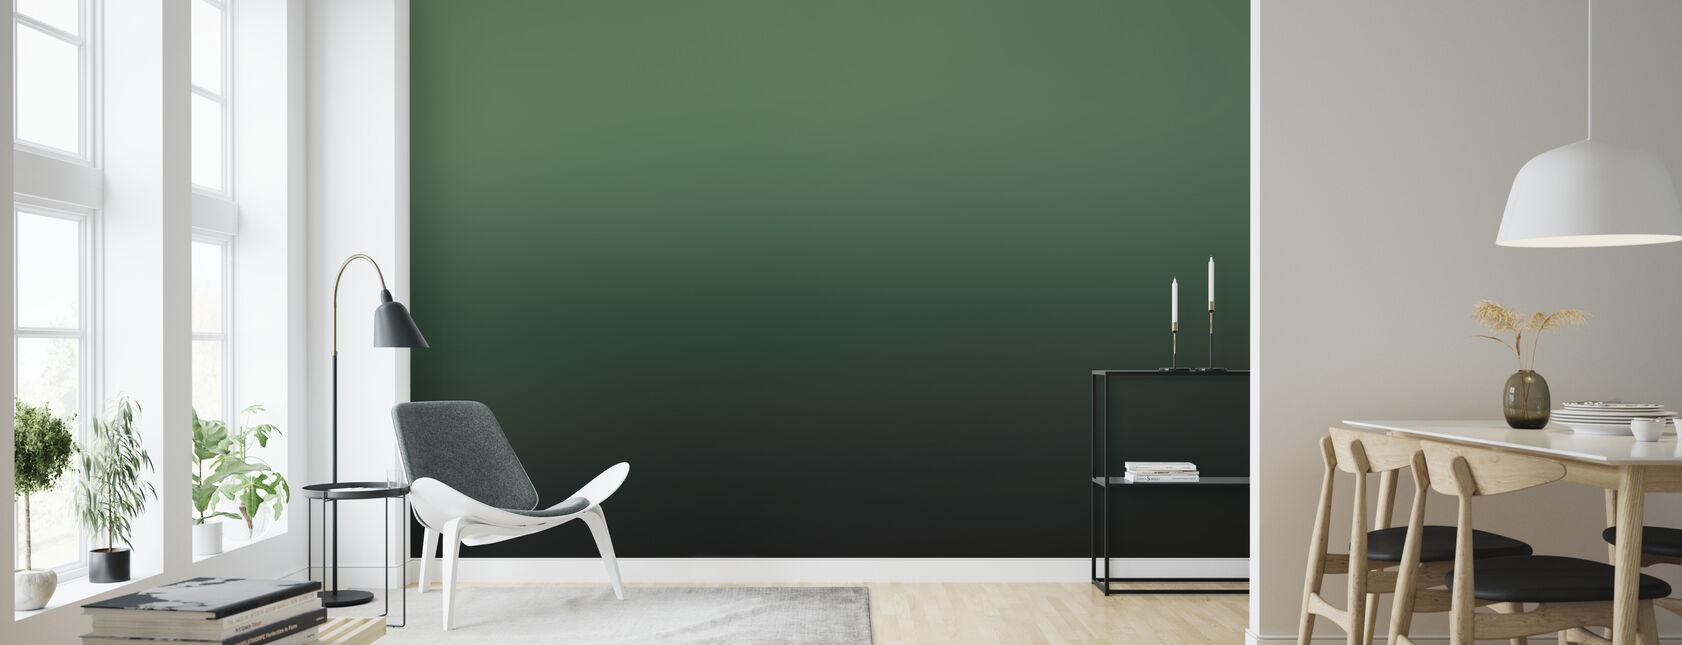 Miami Forest Grün - Tapete - Wohnzimmer